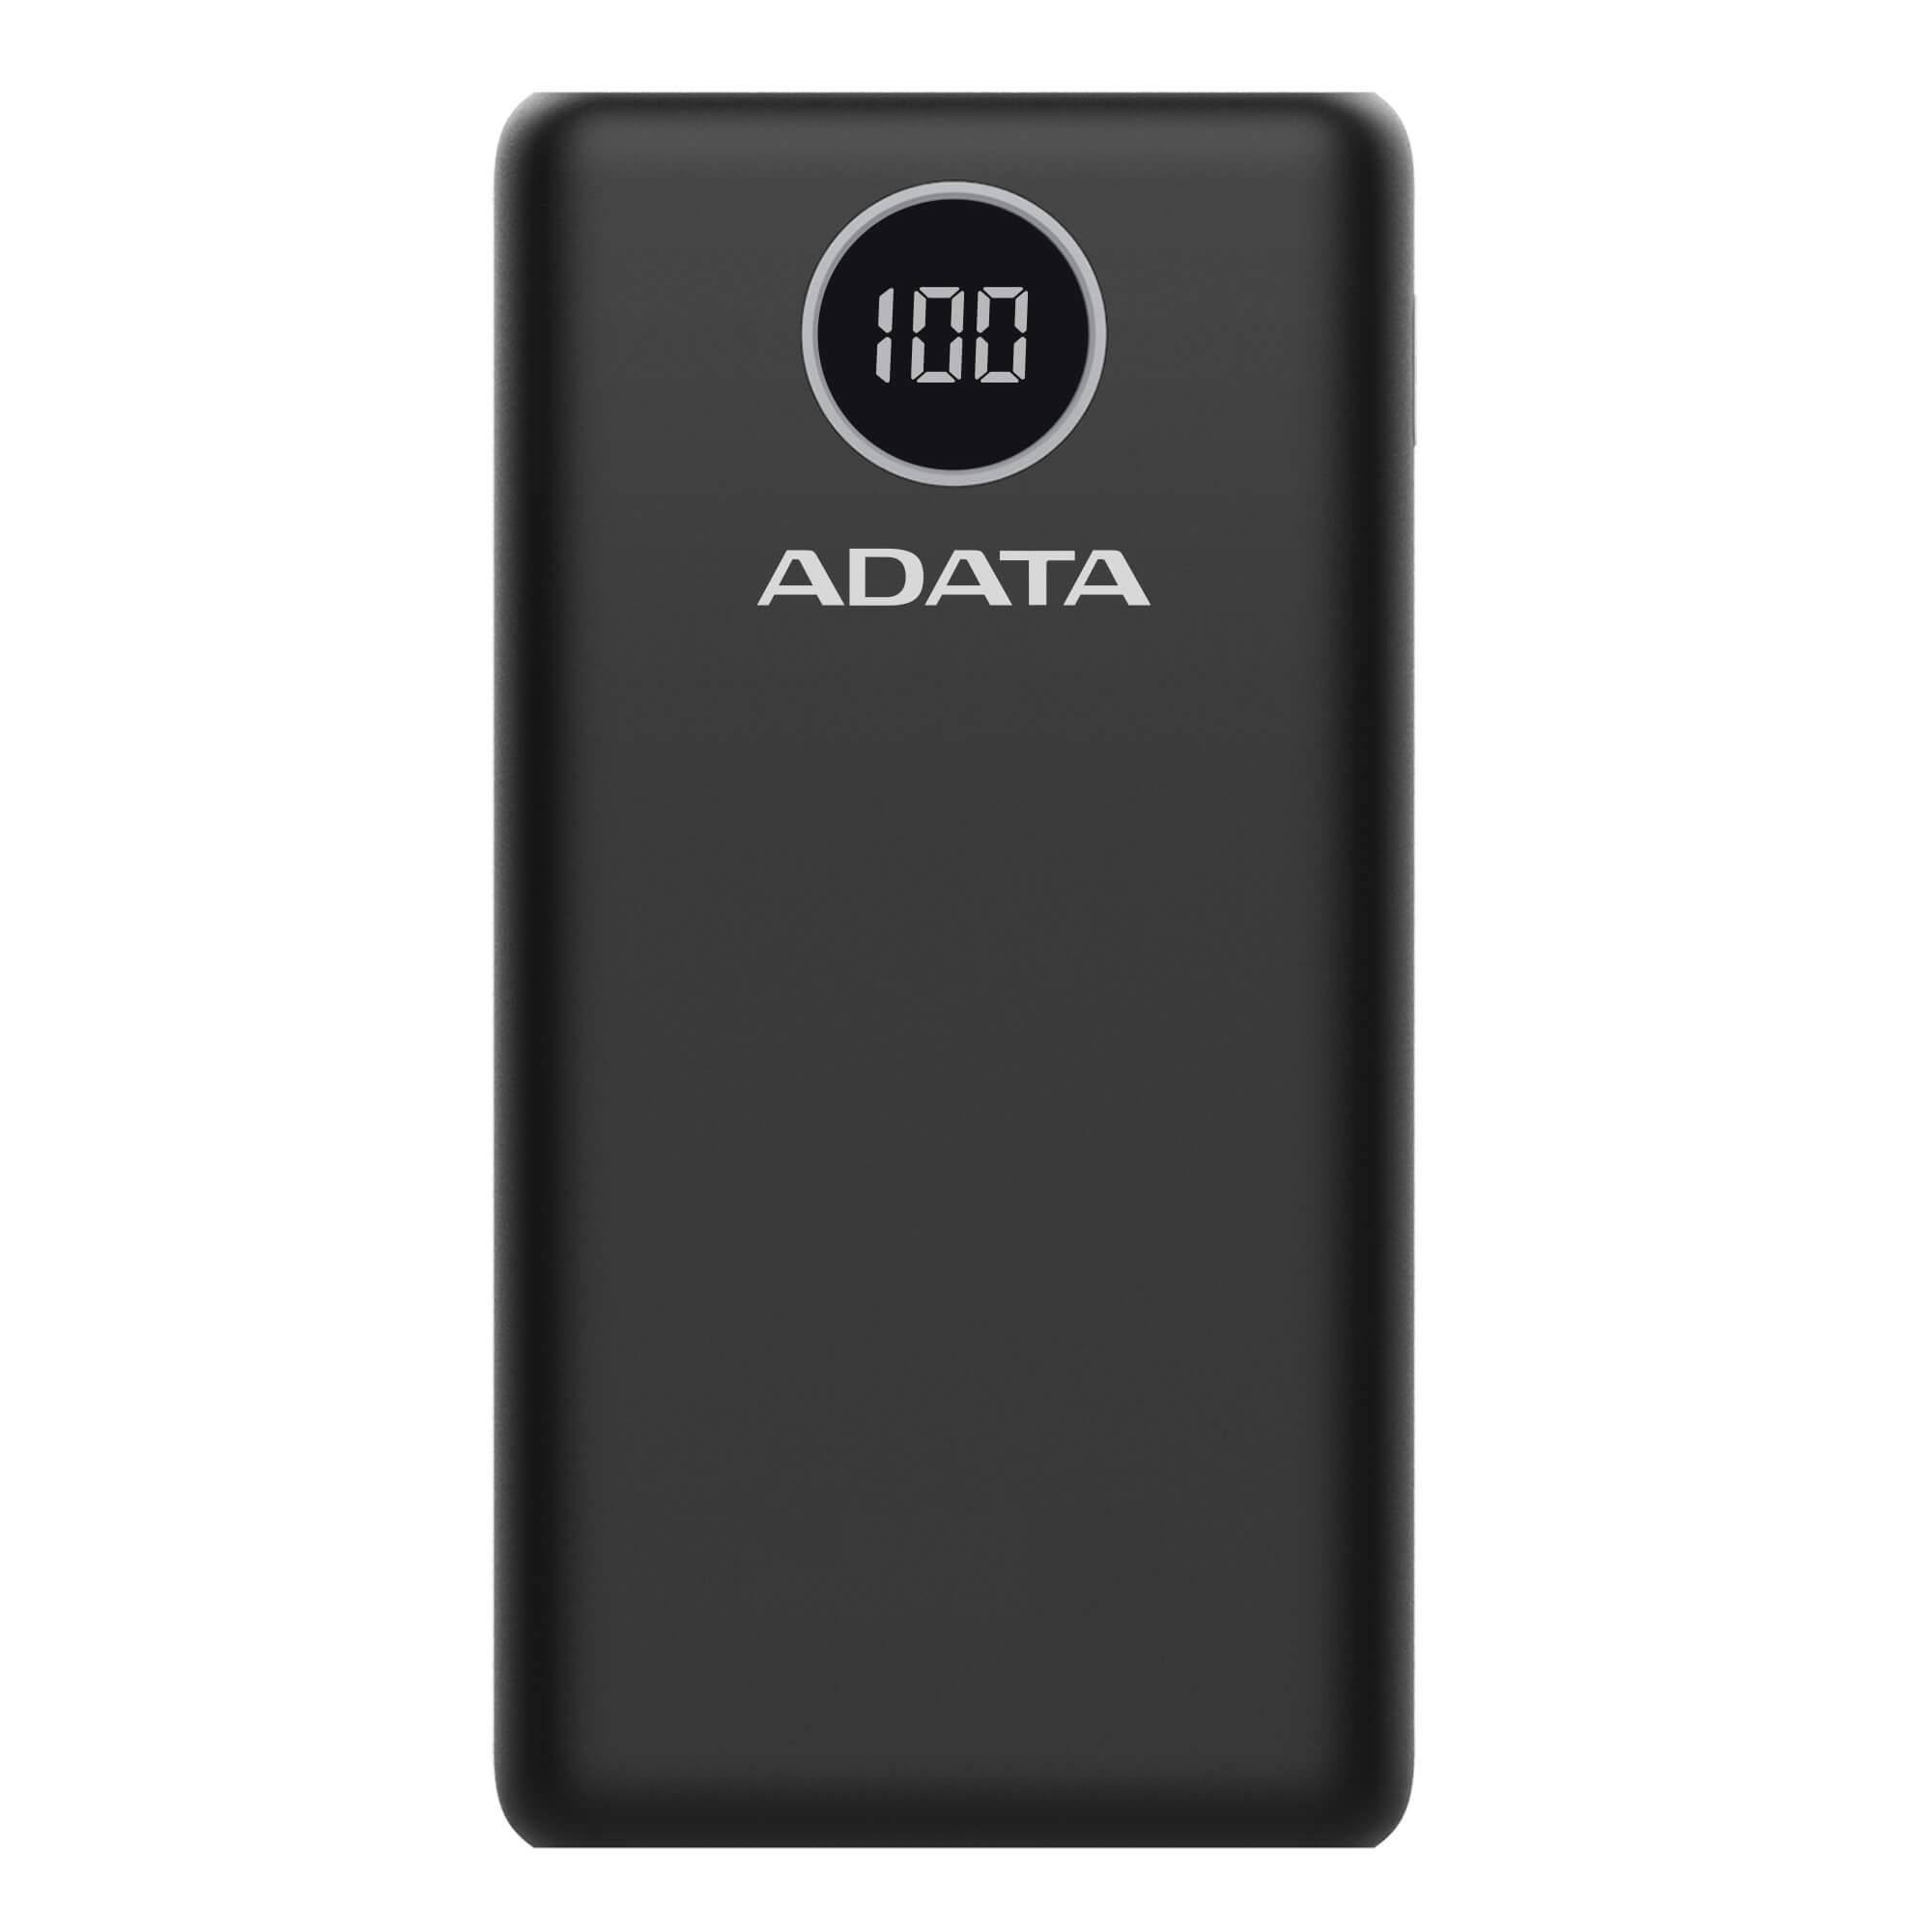 فروش نقدی و اقساطی شارژر همراه ای دیتا مدل P20000QCD ظرفیت 20000 میلی آمپر ساعت